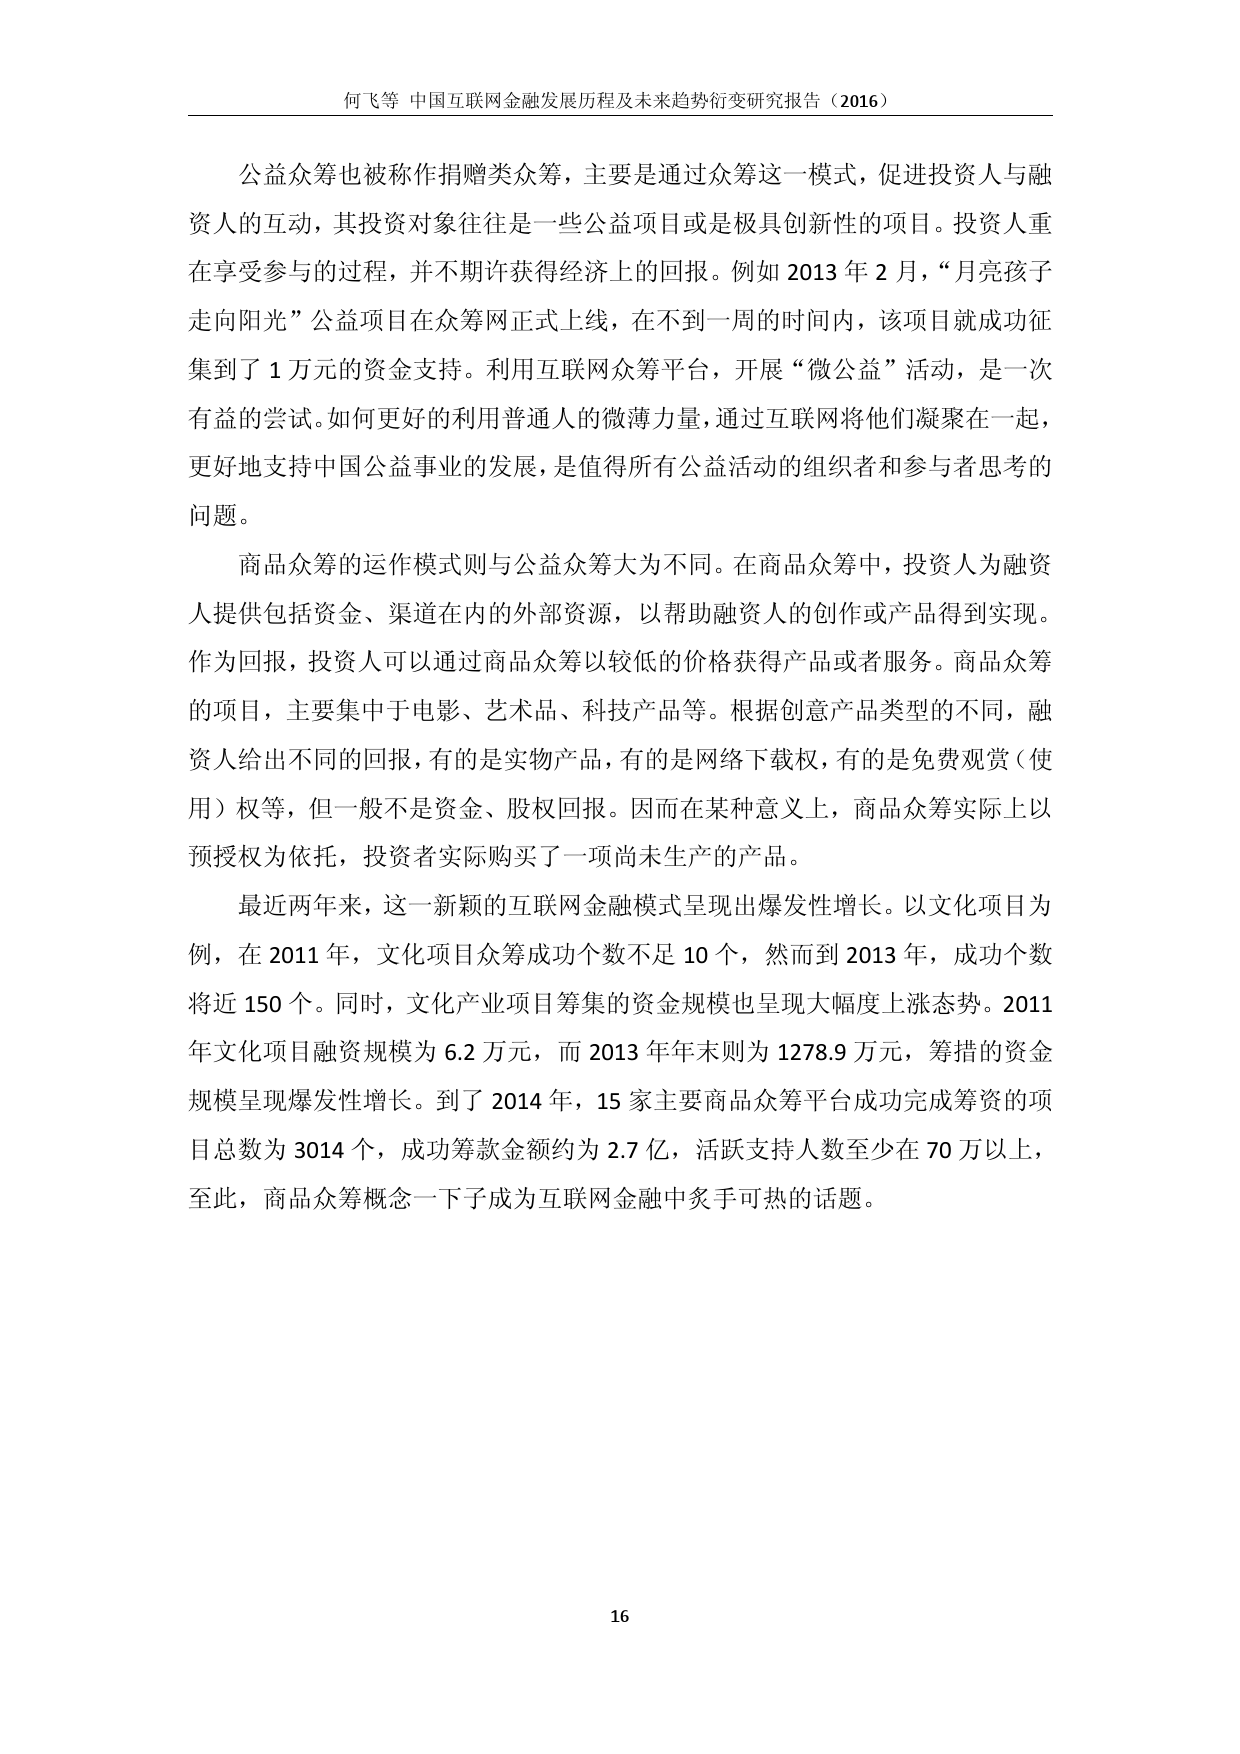 中国互联网金融发展历程及未来趋势衍变研究报告(2016)_000021